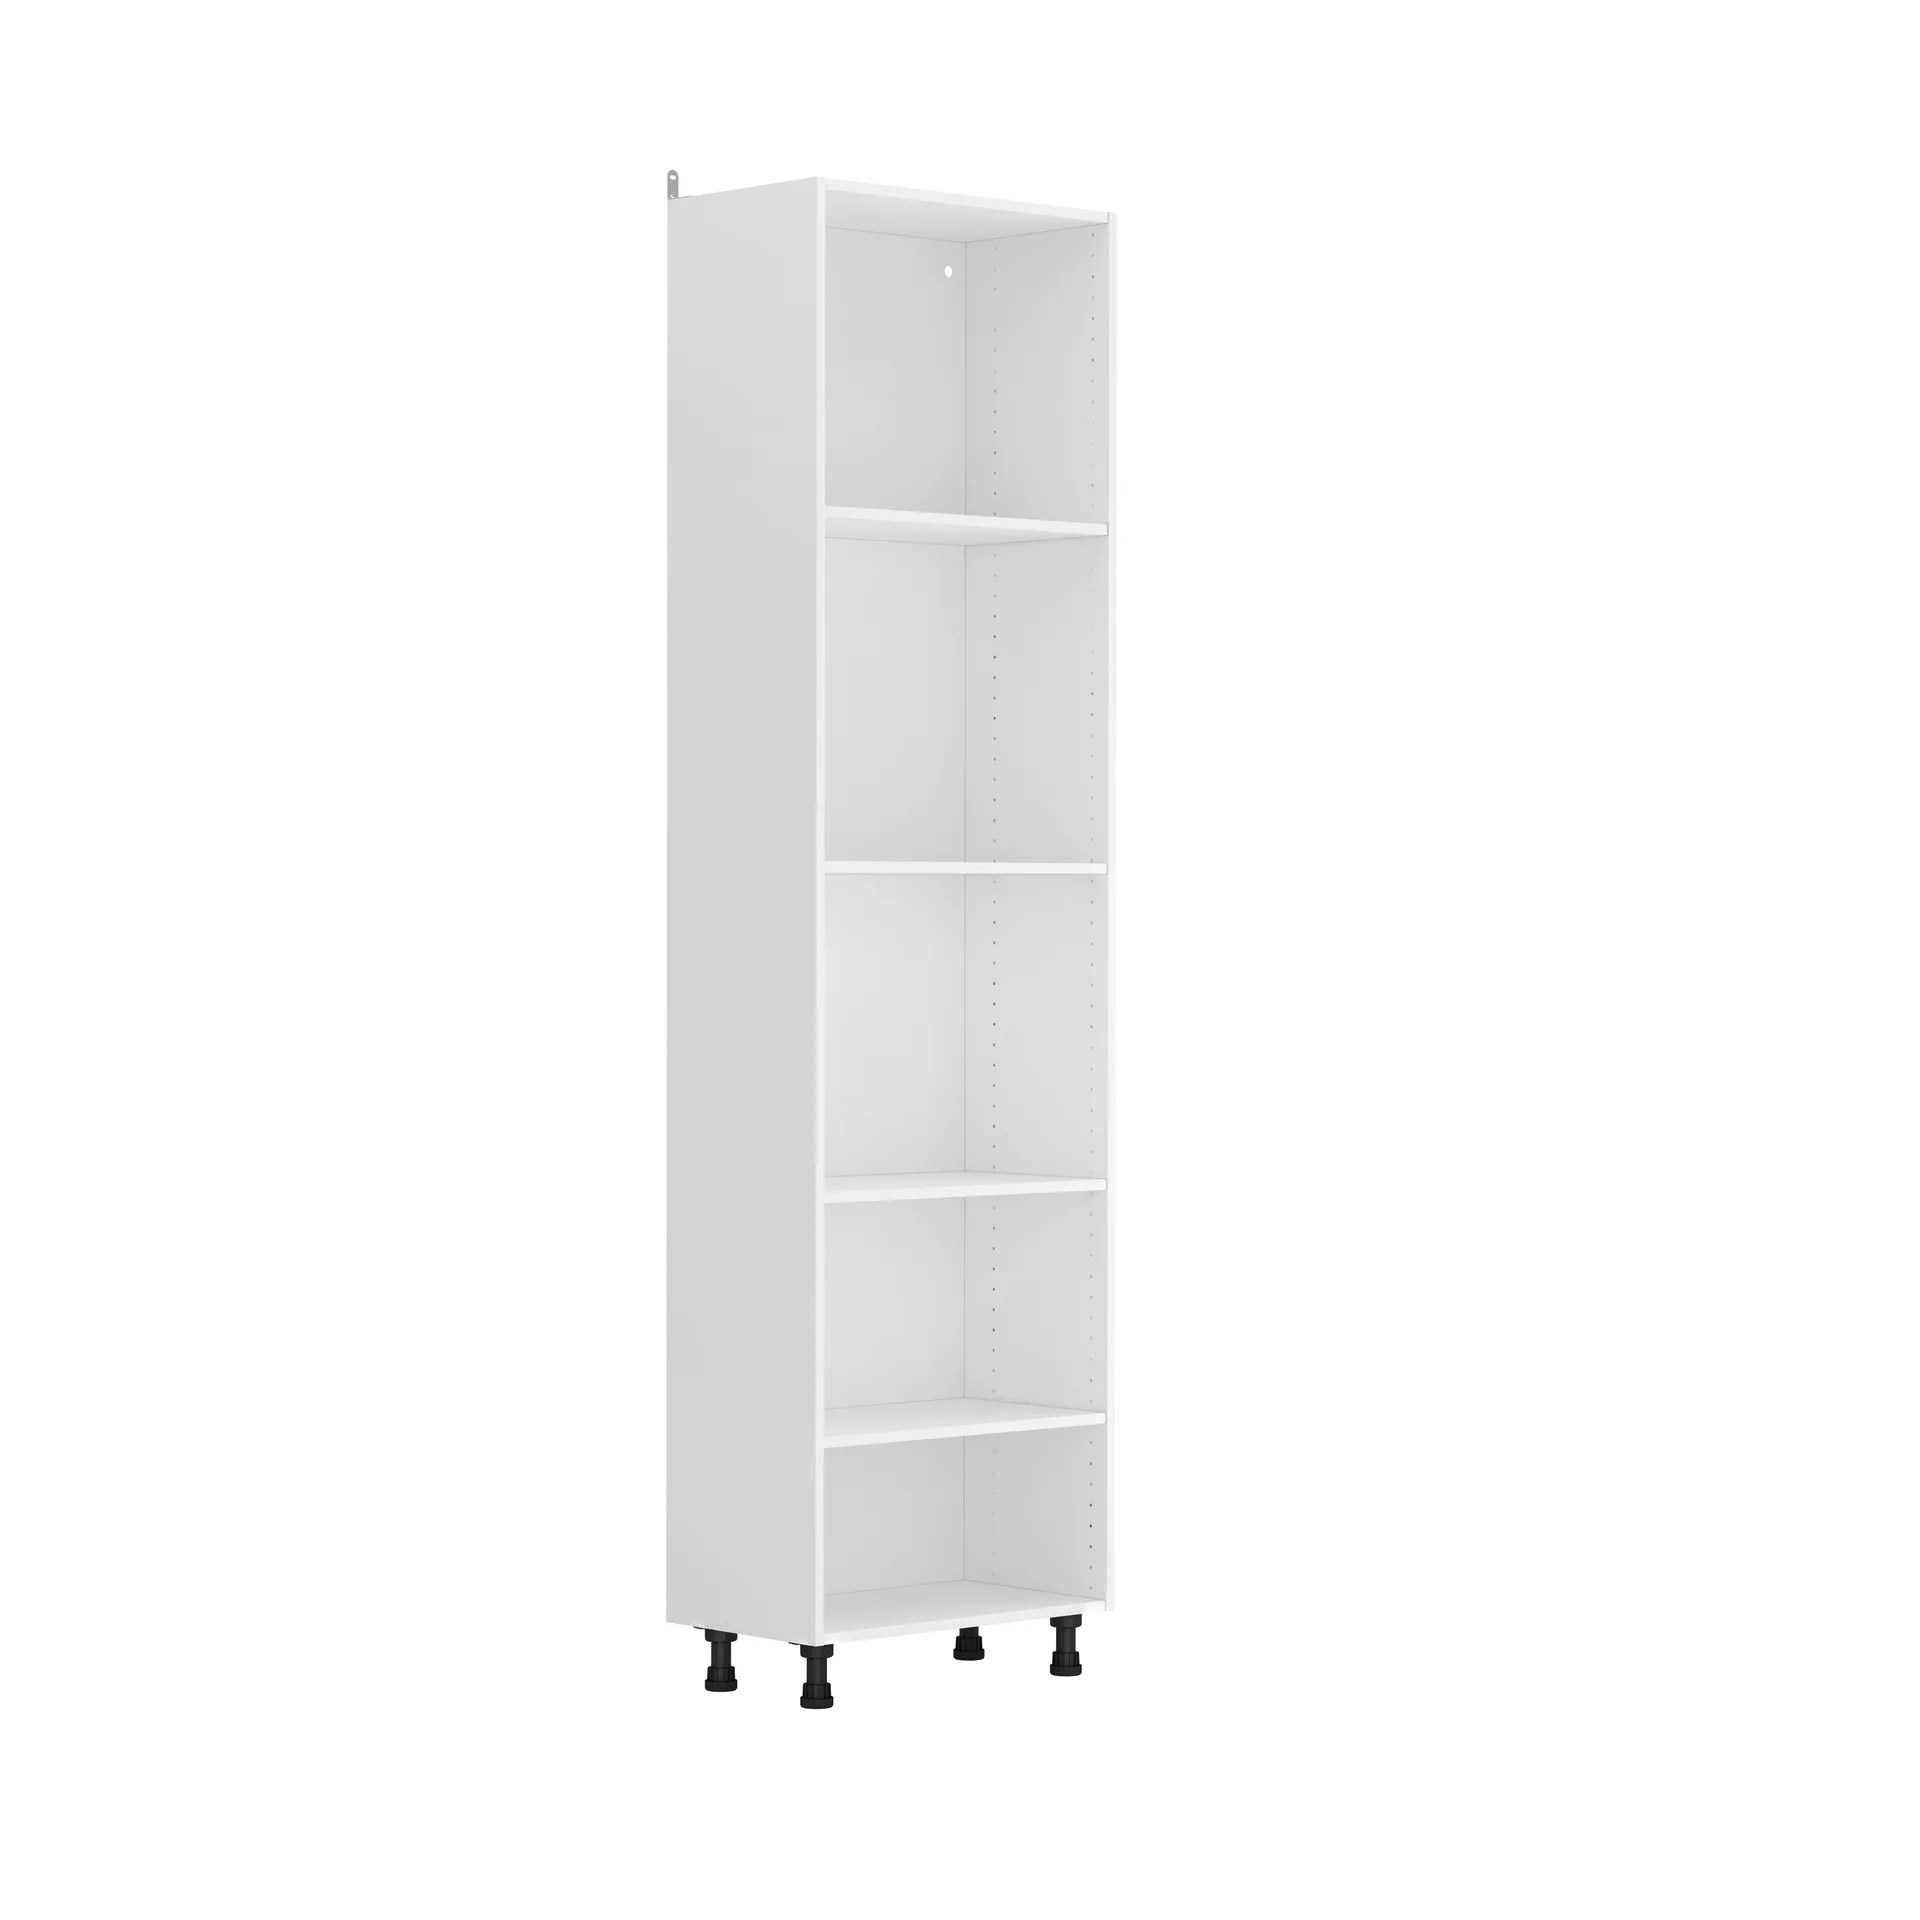 caisson de cuisine armoire delinia id blanc h 214 4 x l 60 x p 35 cm